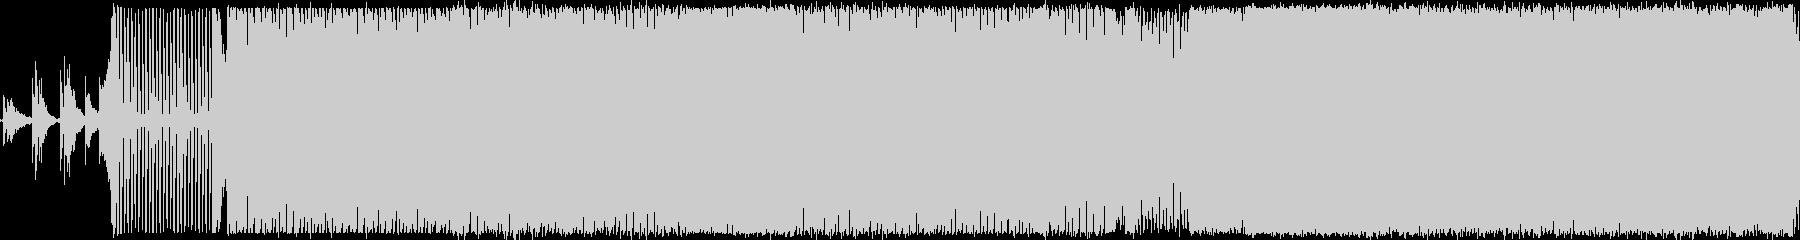 プログレッシブハウス。フーガ。の未再生の波形